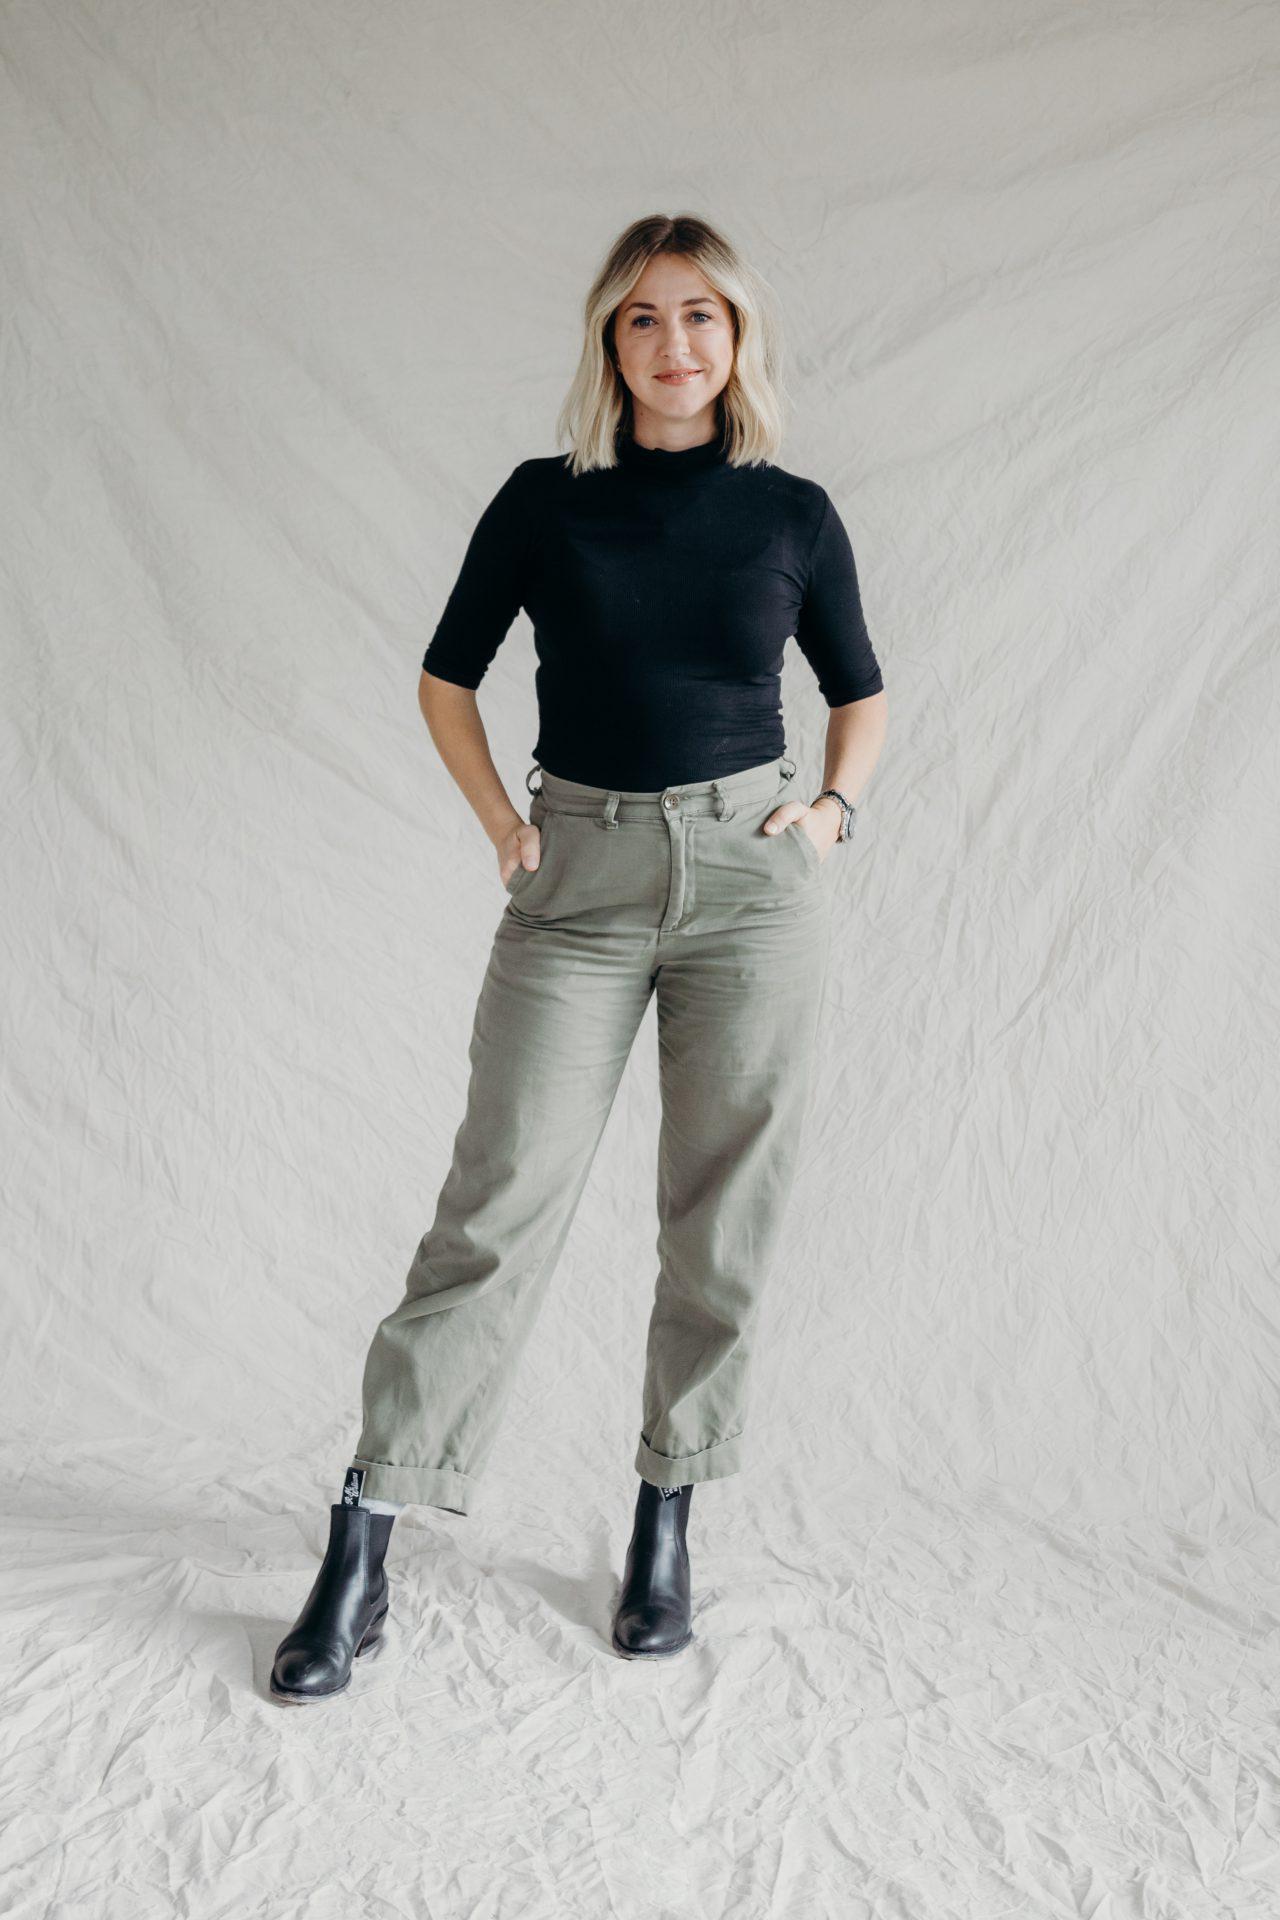 Claire Spalding, NOROCK Sales & Marketing Director